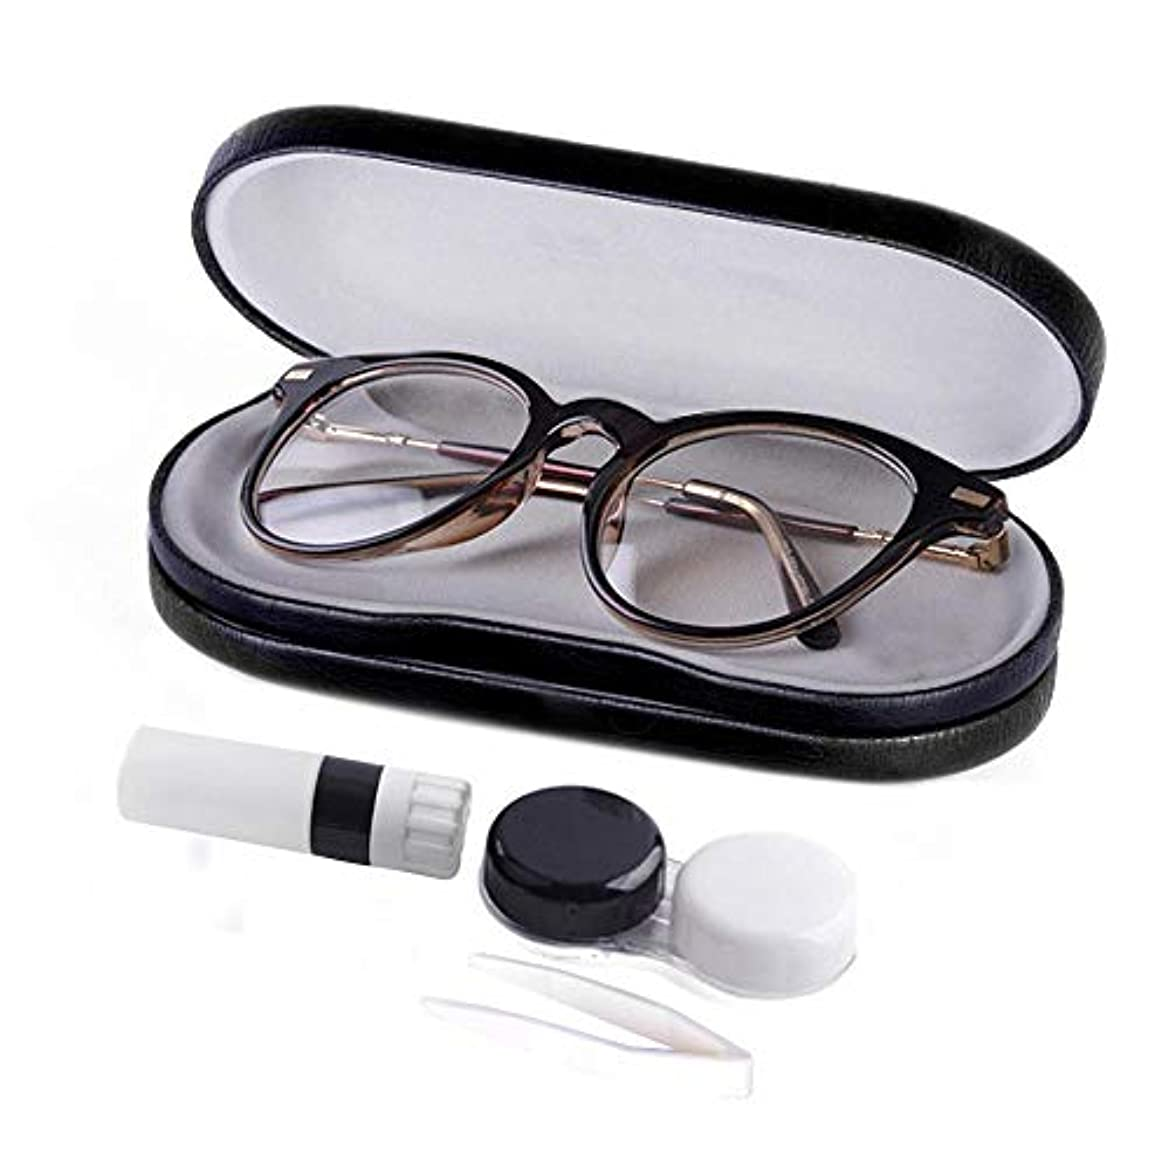 工業化する分類眩惑するColdwhite 旅行用に革新的 なコンタクトレンズケース 両面メガネ収納ケース ブラック16x7x5cm / 3x2.4x0.9inch(LxWxH)